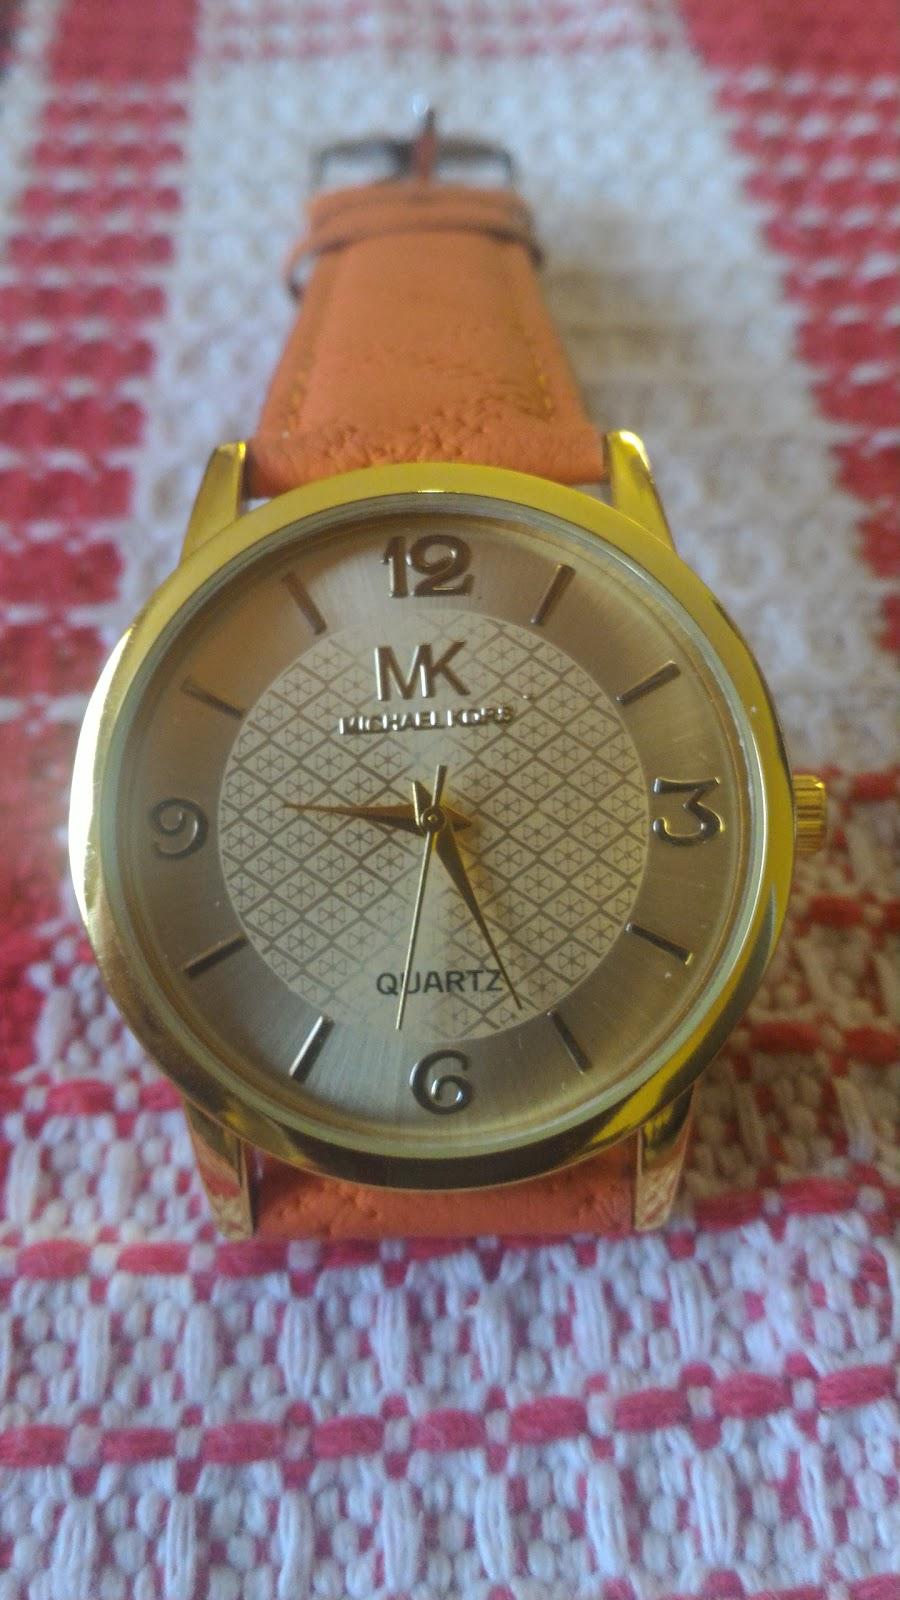 b44318d6b8fed http   produto.mercadolivre.com.br MLB-853351696-relogios-michael-kors -apenas-5000- JM